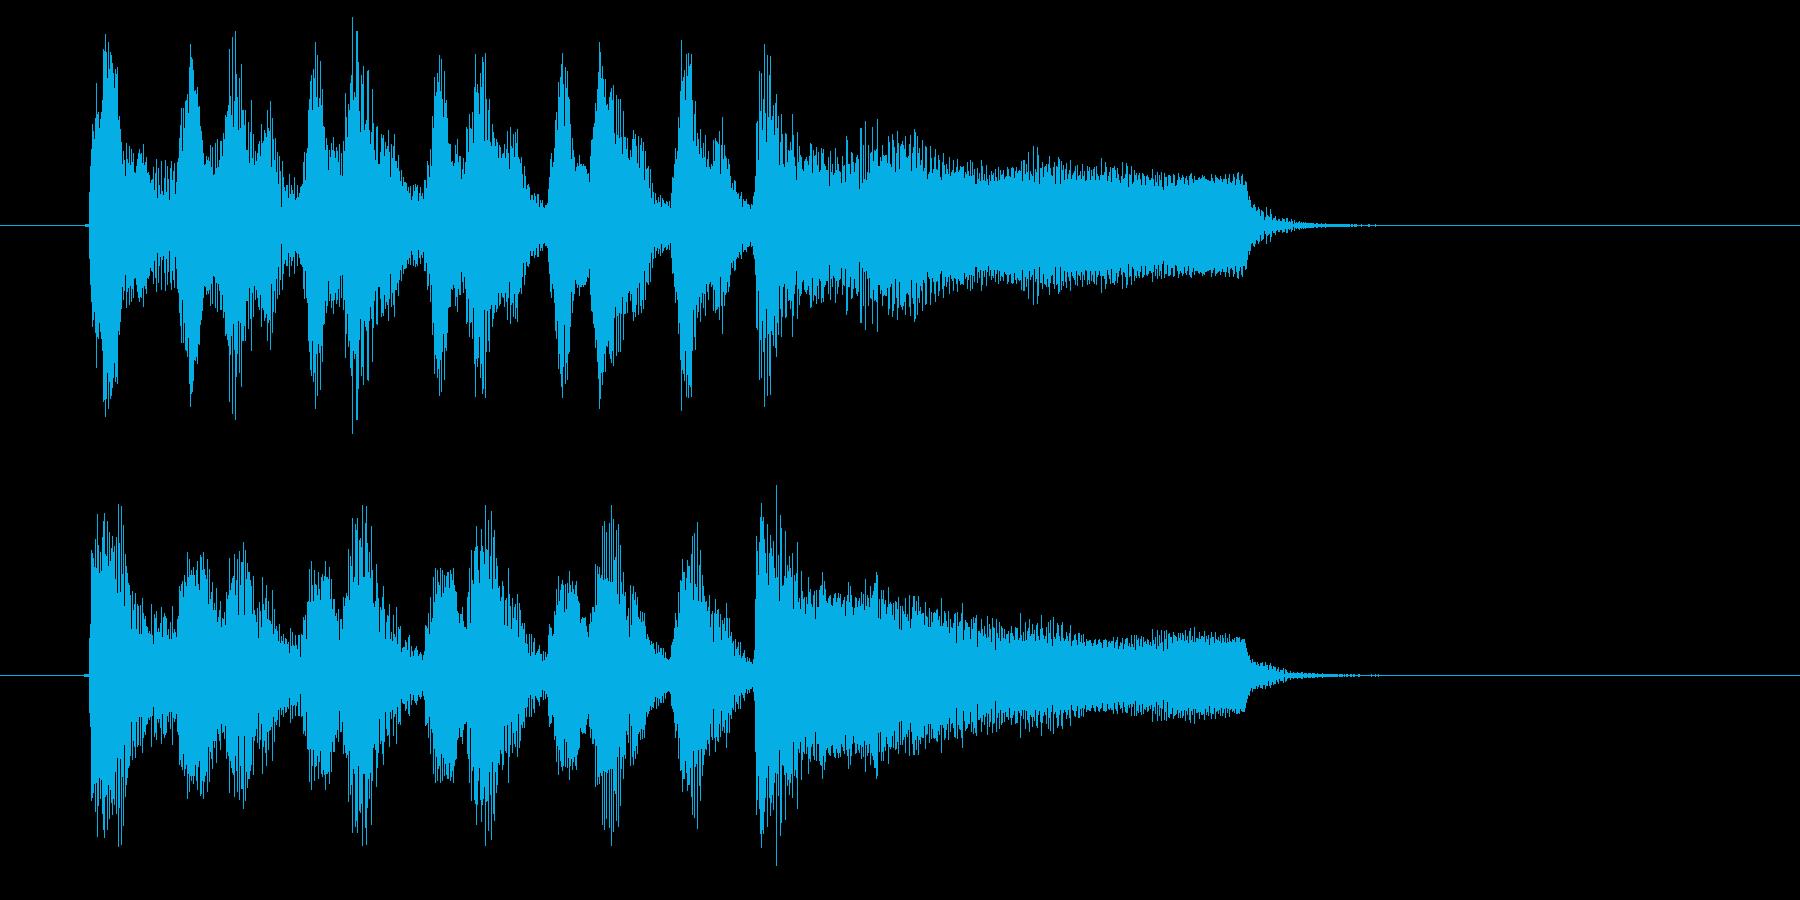 激しくミステリアスなミュージックの再生済みの波形